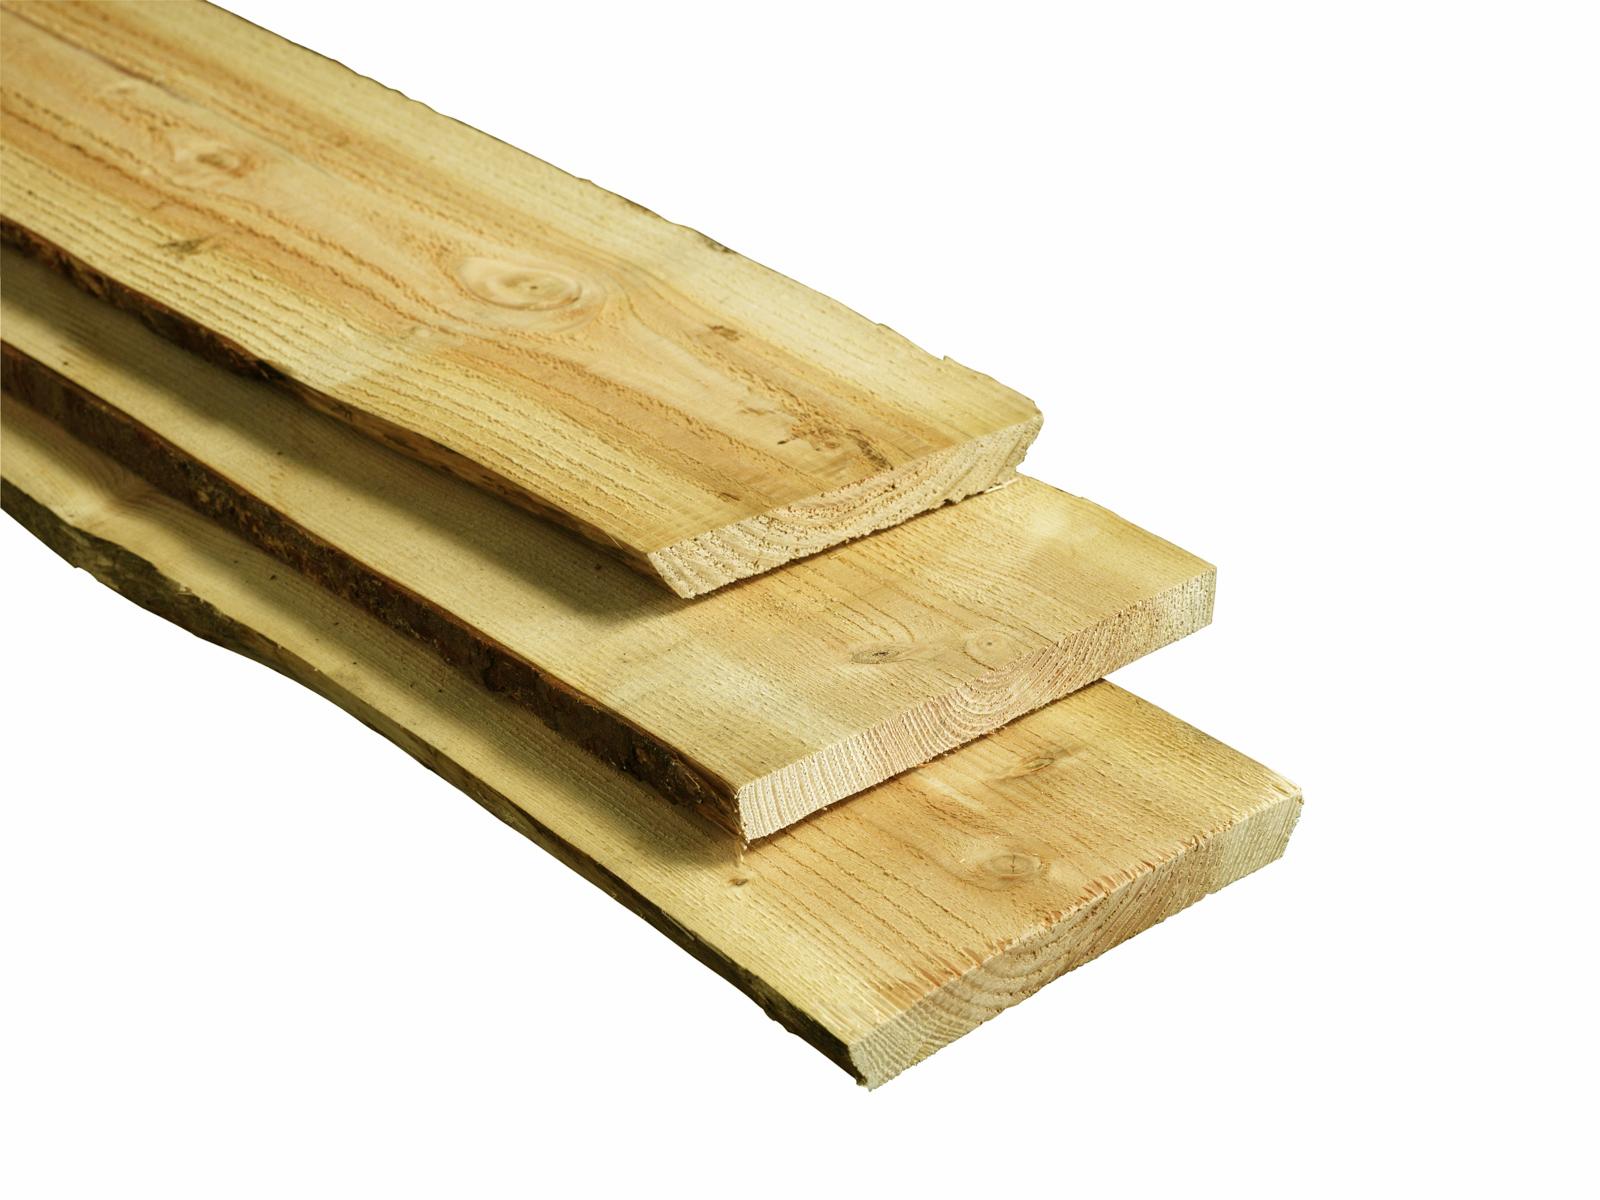 Houten Wandplanken Kopen.Boomstam Schaaldeel Plank Lariks Douglas Geimpregneerd 2 0 X 15 25 Cm